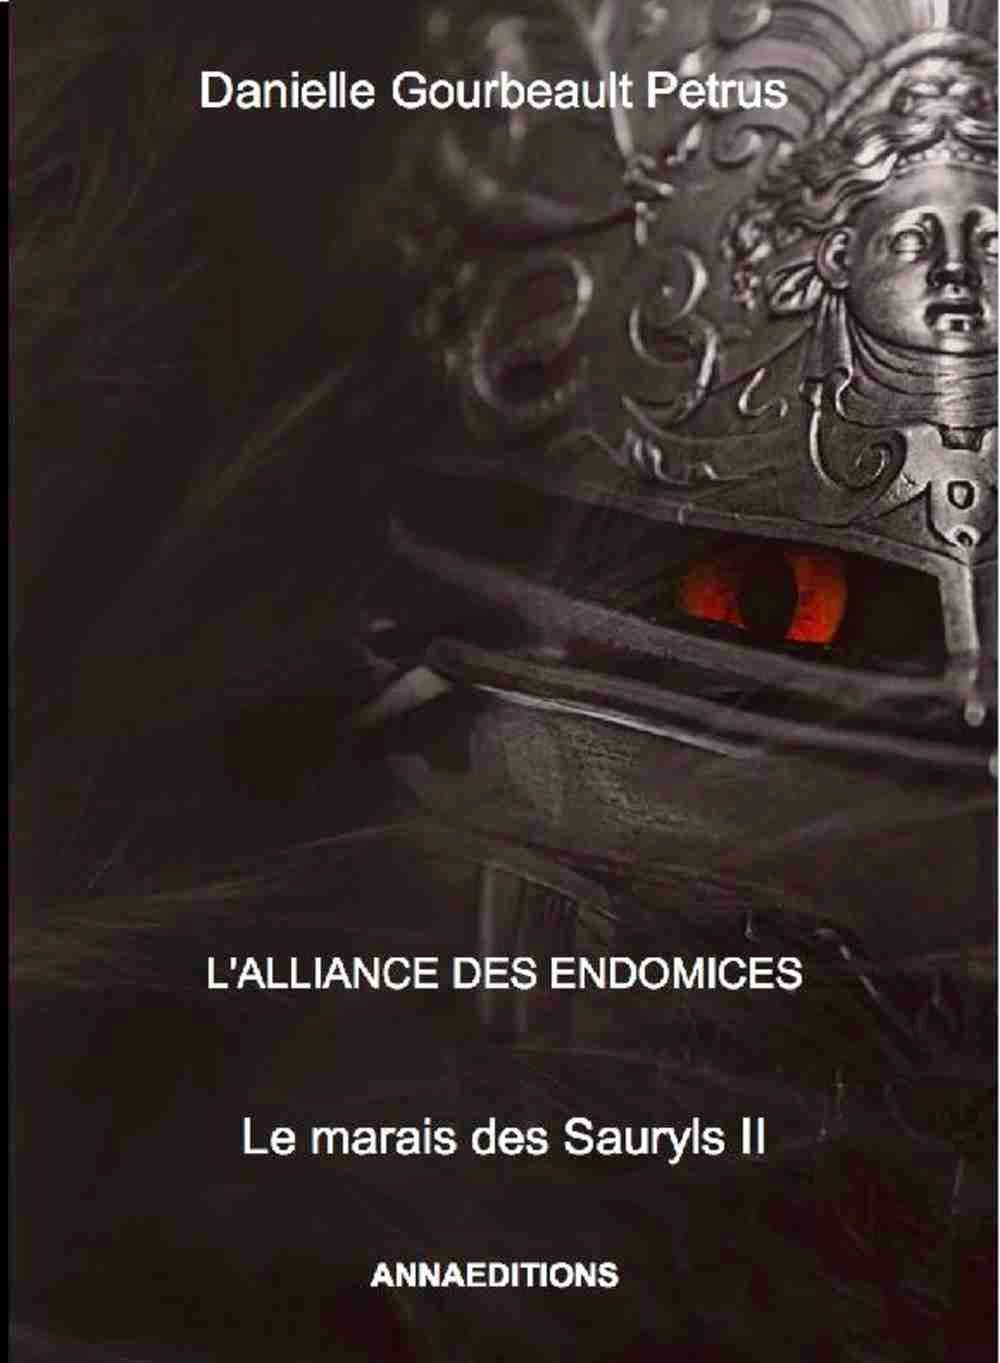 livre de fantasy - auteure française de fantasy